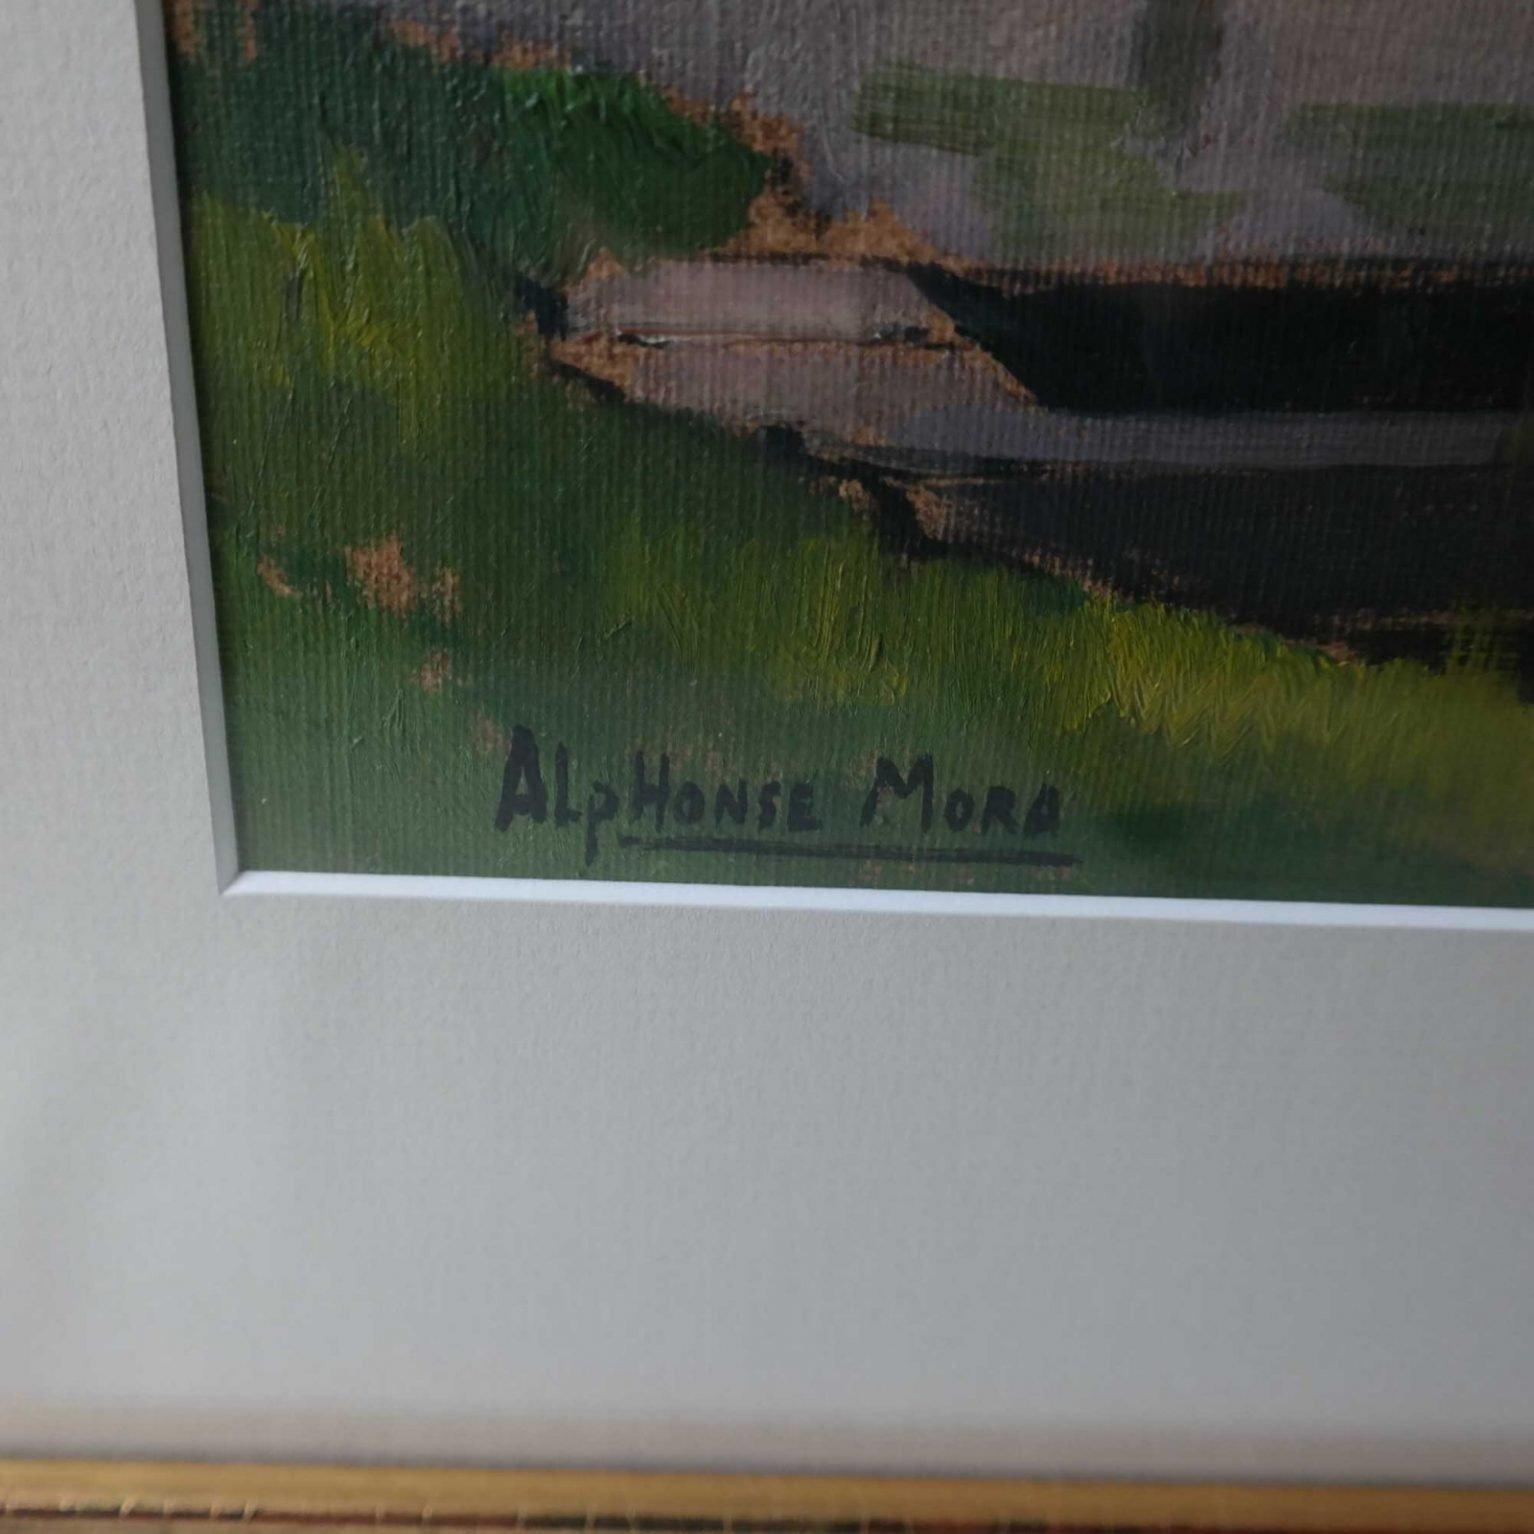 Alphonse Mora (1891-1977)